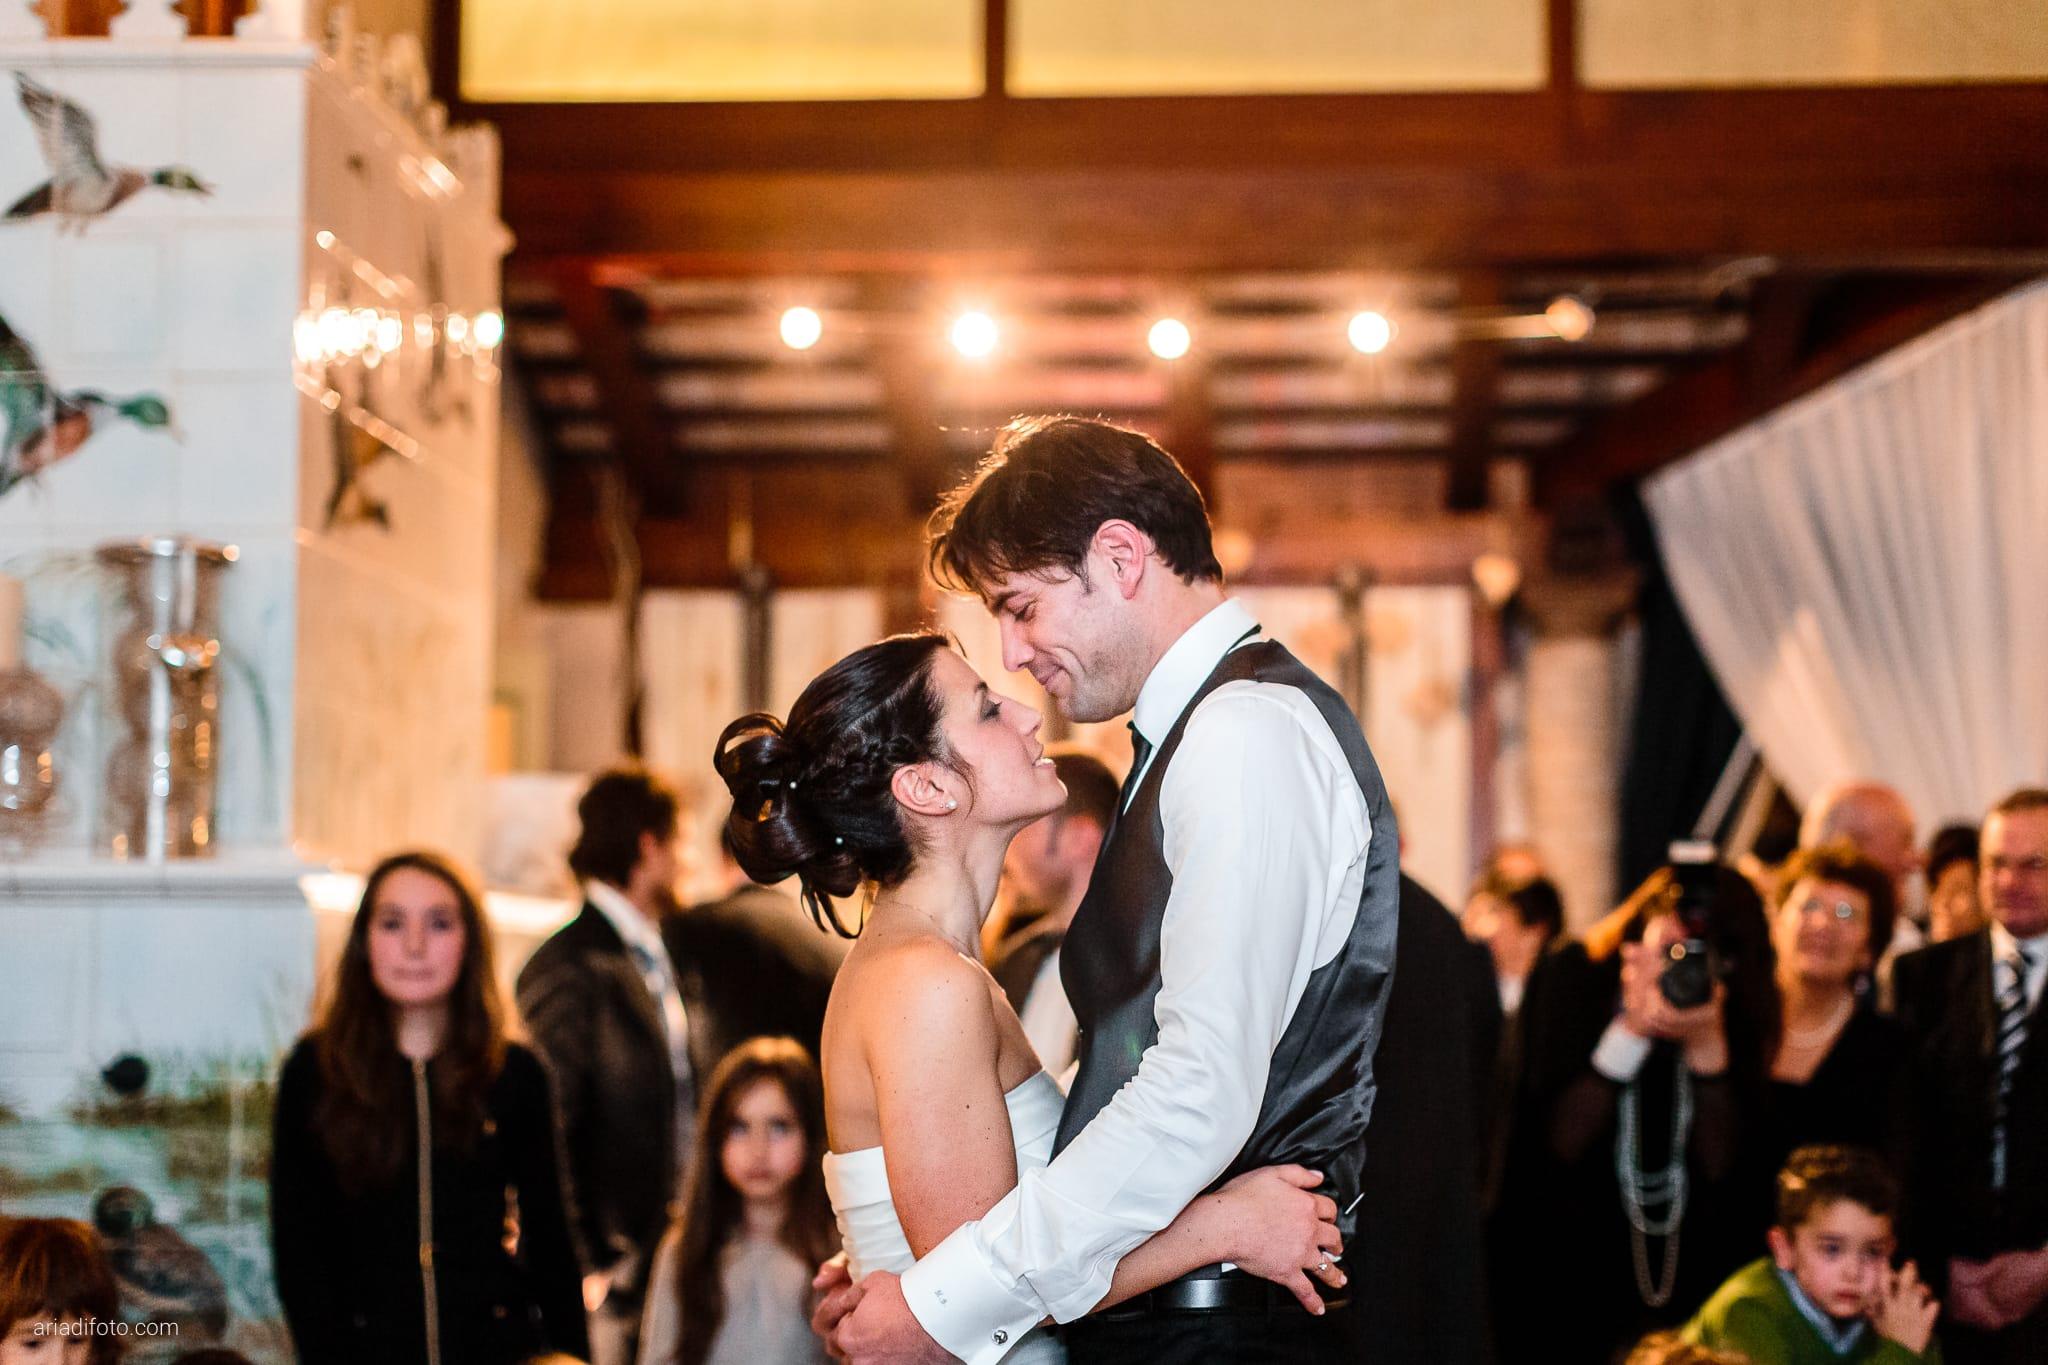 Elisa Matteo matrimonio Preval Gorizia Paradiso Pocenia Udine ricevimento primo ballo